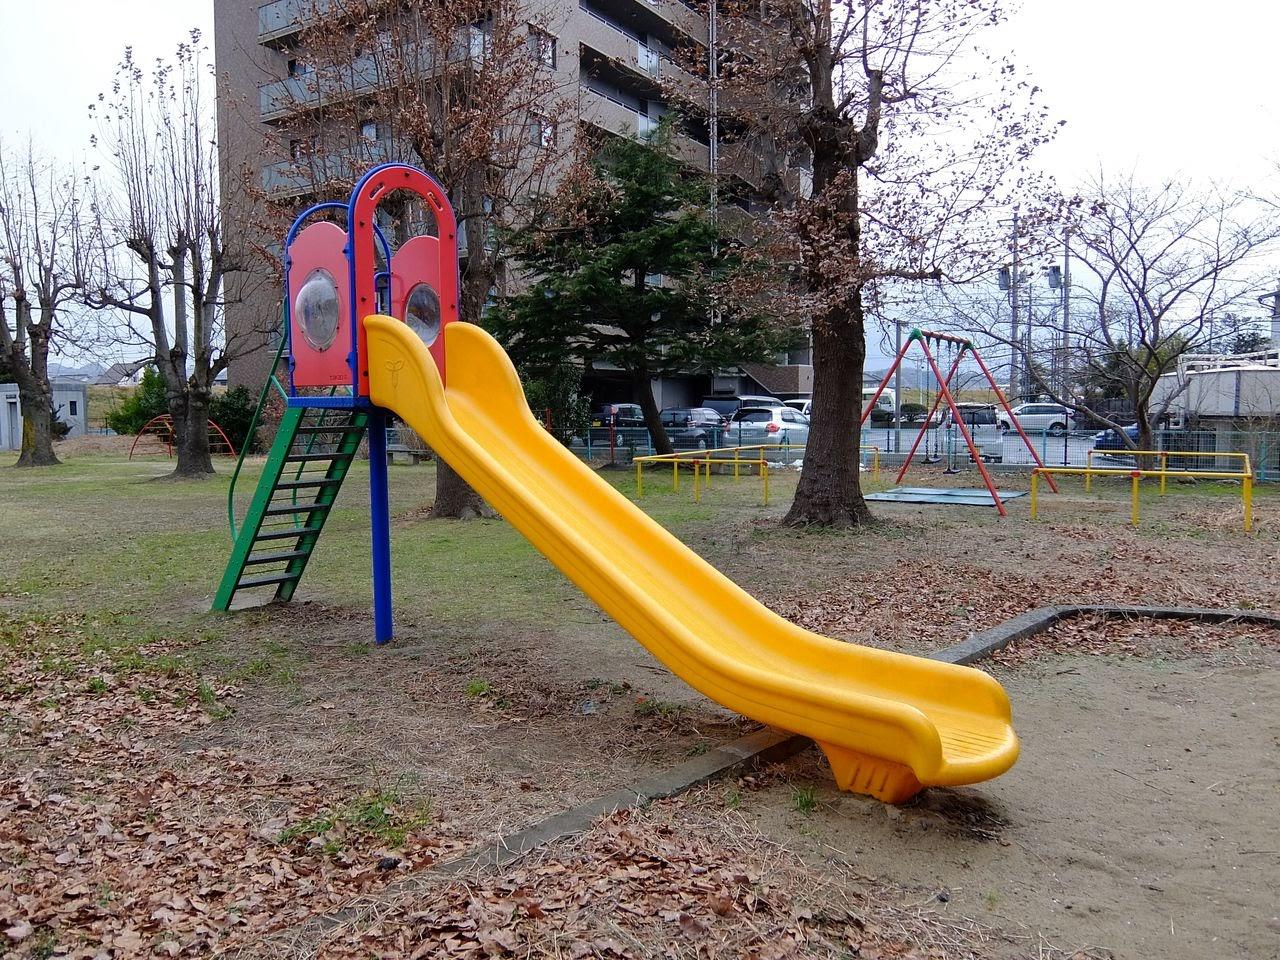 1544/1000 天神公園(鳥取県鳥取市)